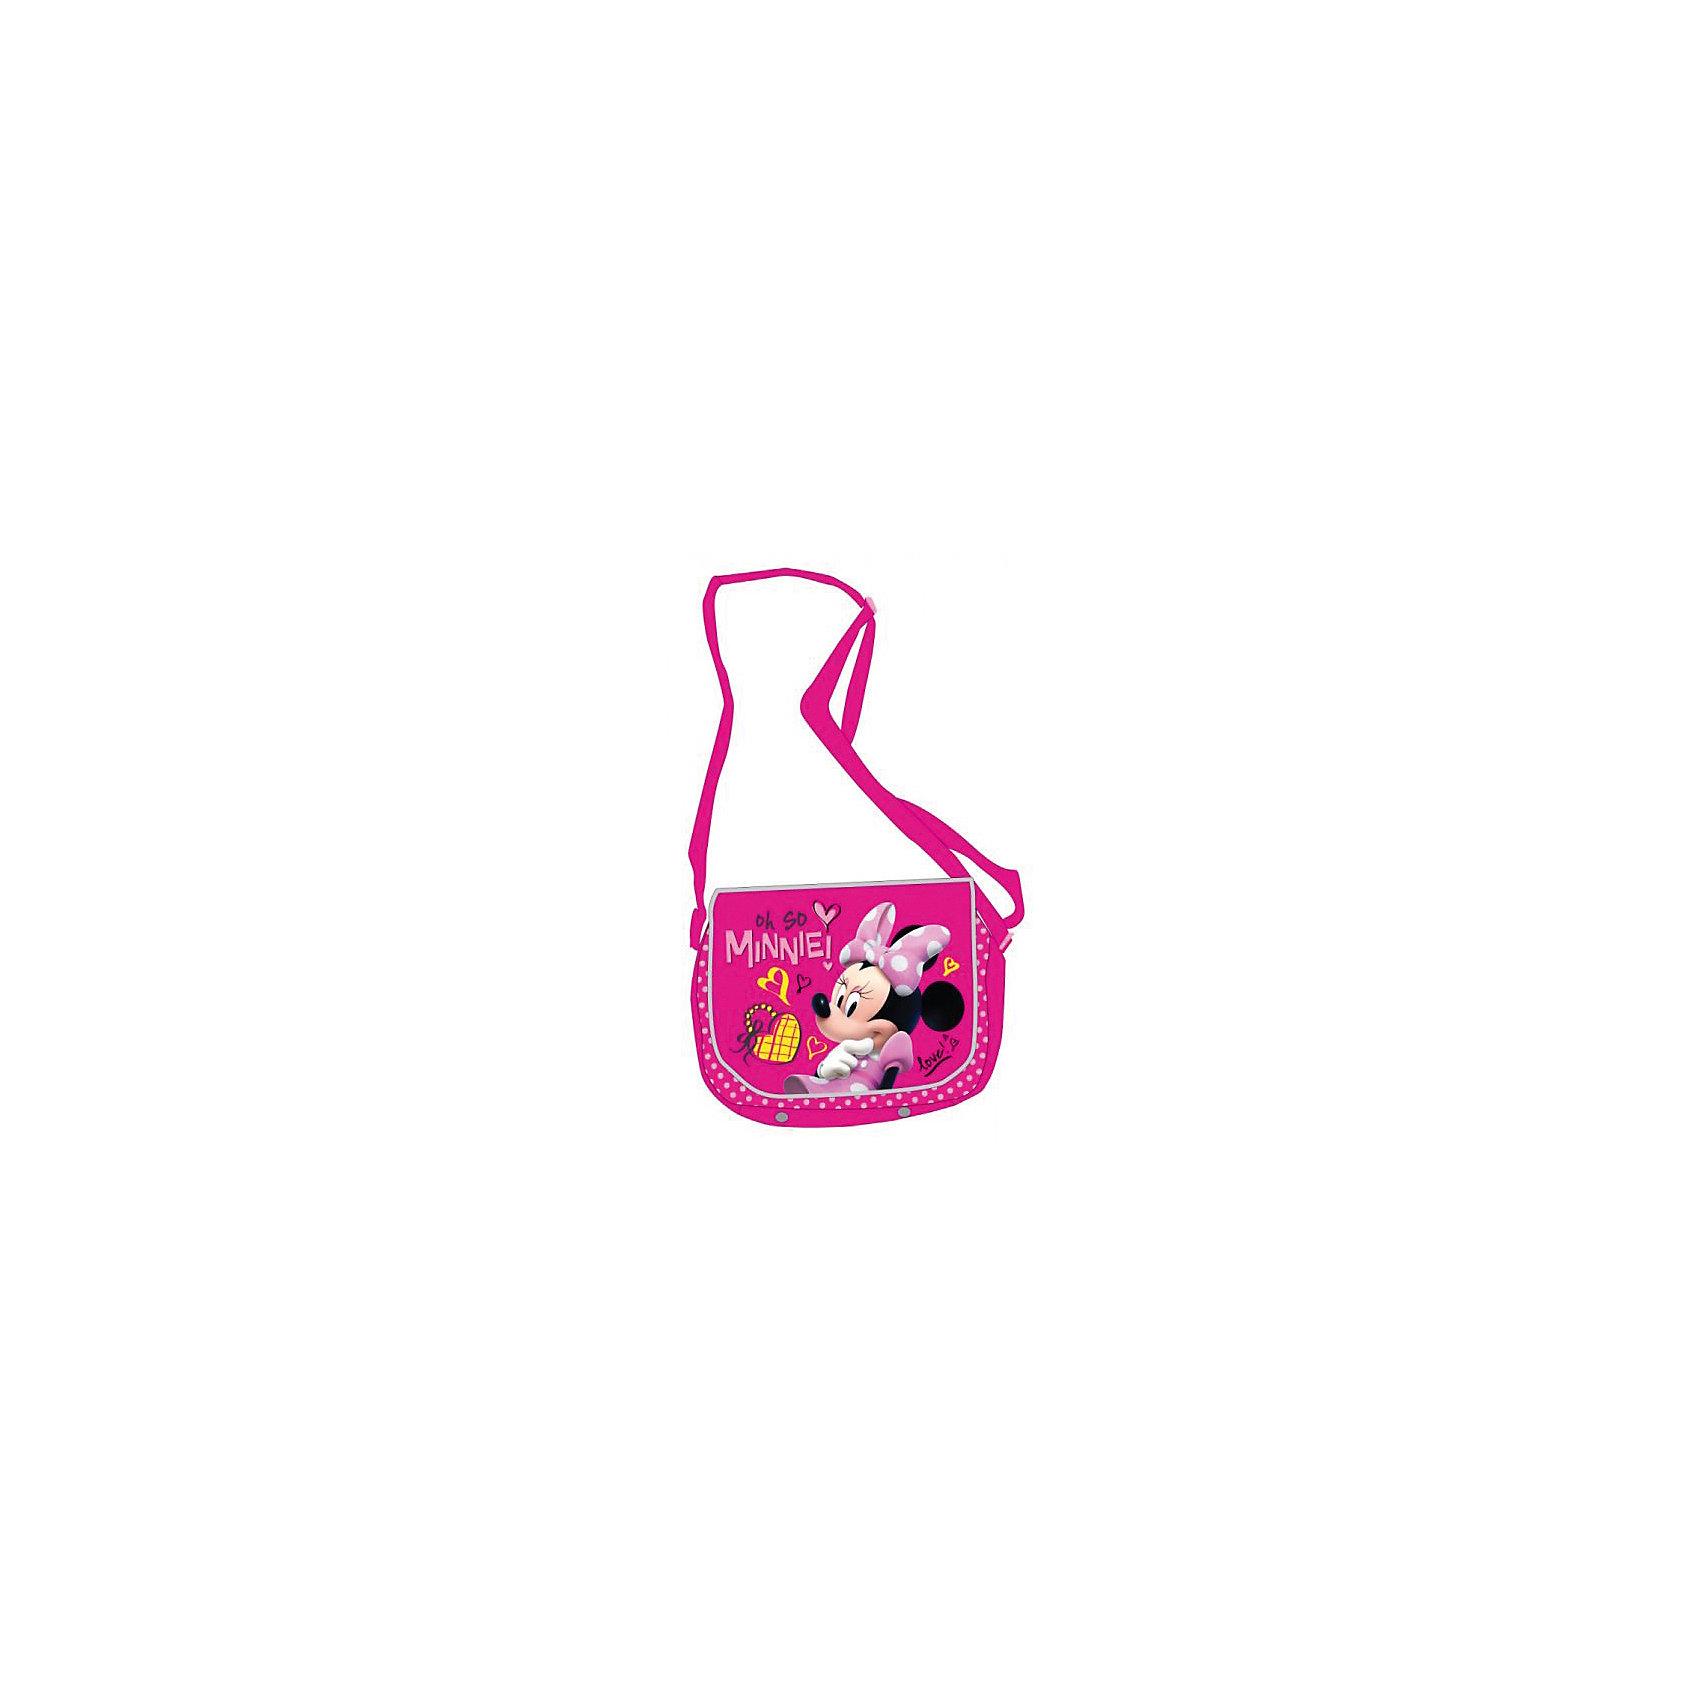 Сумка на плечо Минни Маус, DisneyСтильная и удобная сумка с героиней известного мультфильма обязательно понравится девочке и станет любимым аксессуаром. Сумка выполнена из высококачественного прочного материала, легко протирается влажной губкой при загрязнении, имеет ремень регулируемый по длине. <br><br>Дополнительная информация:<br><br>- Материал: текстиль, полиэстер, пластик.  <br>- Регулируемый ремень. <br>- Размер: 18х18х5,5 см<br>- Цвет: розовый.<br>- Застежка: молния.<br>- Количество отделений: 1<br>- Количество карманов: 3<br><br>Сумку на плечо Минни Маус, Disney ( Дисней, Minnie Mouse) можно купить в нашем магазине.<br><br>Ширина мм: 190<br>Глубина мм: 350<br>Высота мм: 180<br>Вес г: 200<br>Возраст от месяцев: 36<br>Возраст до месяцев: 96<br>Пол: Женский<br>Возраст: Детский<br>SKU: 4028859